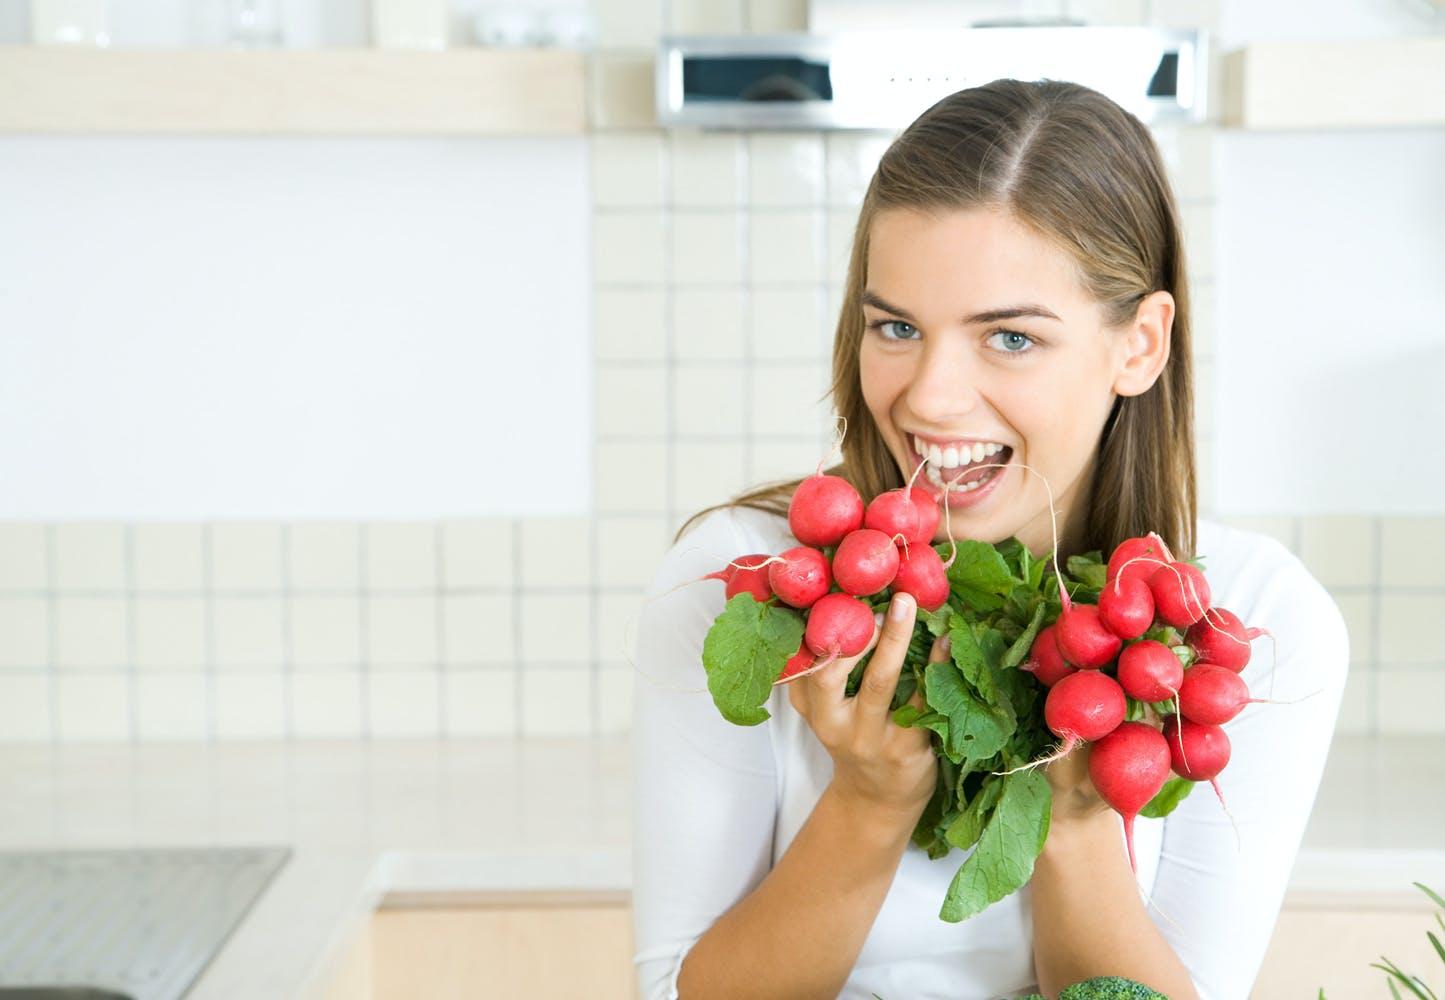 Sådan bekæmper du rynker med kost og træning | Iform.dk